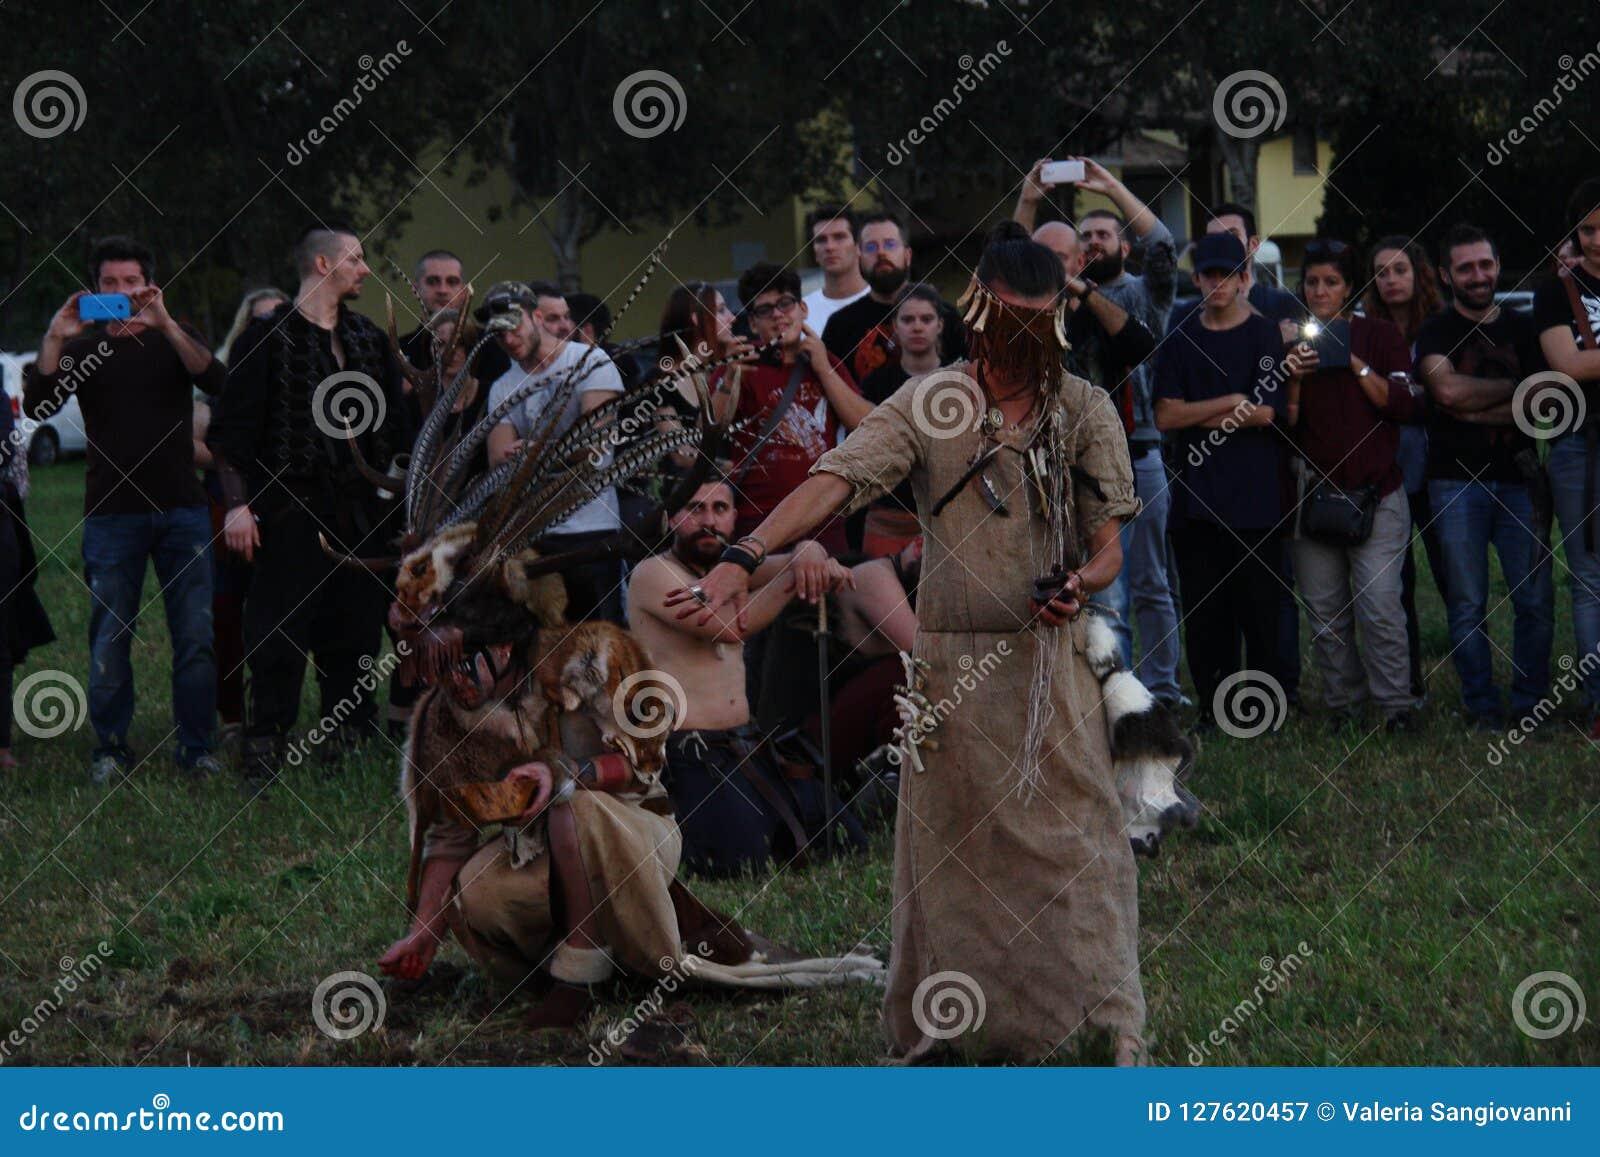 Ragnarok - los hermanos de Viking - 28-30 de septiembre de 2018 - ` Adda de Casirate d - BG - Italia